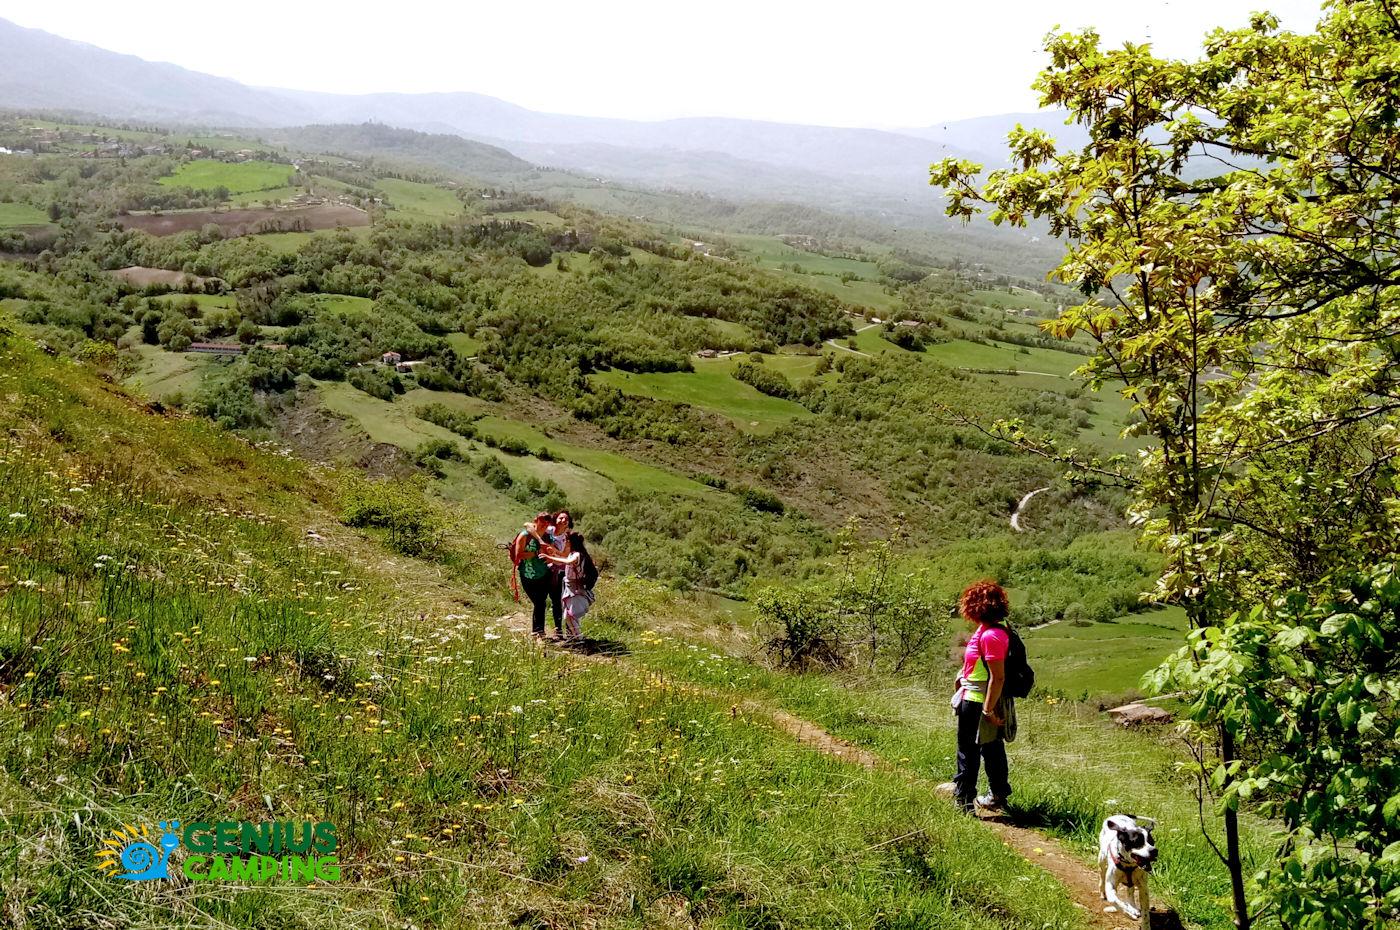 Valmarecchia e Montefeltro La rocca di Maioletto - Sentiero Maioletto